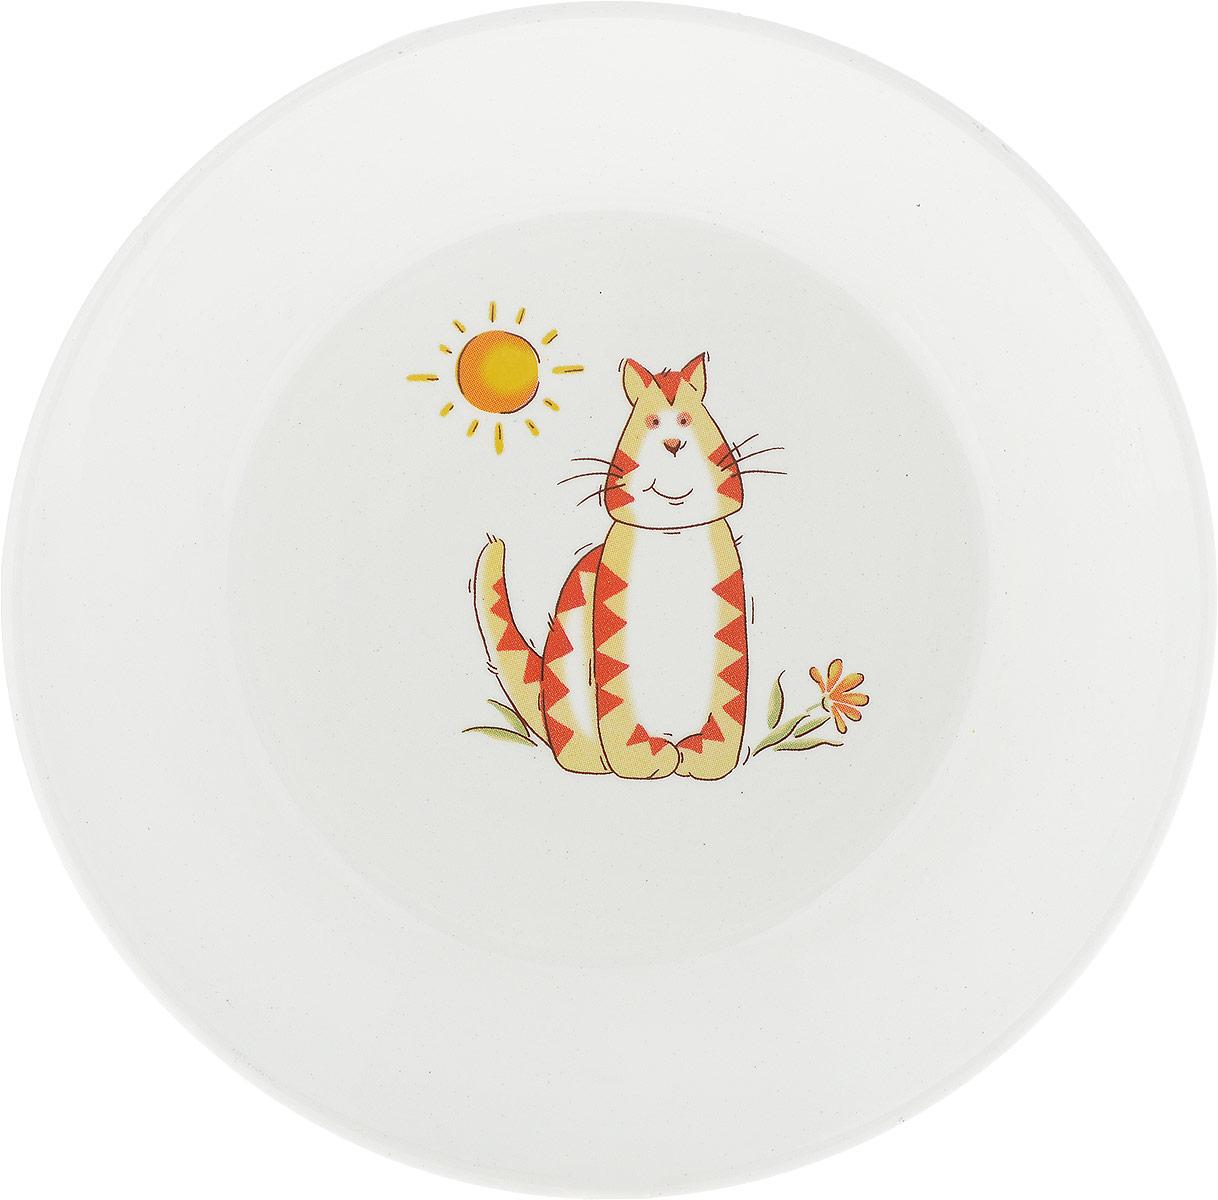 """Детское блюдце Кубаньфарфор """"Зоопарк: Кот"""" идеально подойдет для кормления малыша и самостоятельного приема пищи. Глубокое блюдце выполнена из фаянса, его высокие бортики обеспечат удобство кормления и предотвратят случайное проливание жидкой пищи.  Яркое блюдца с красочным рисунком на дне непременно порадует малыша и сделает любой прием пищи приятным и веселым."""